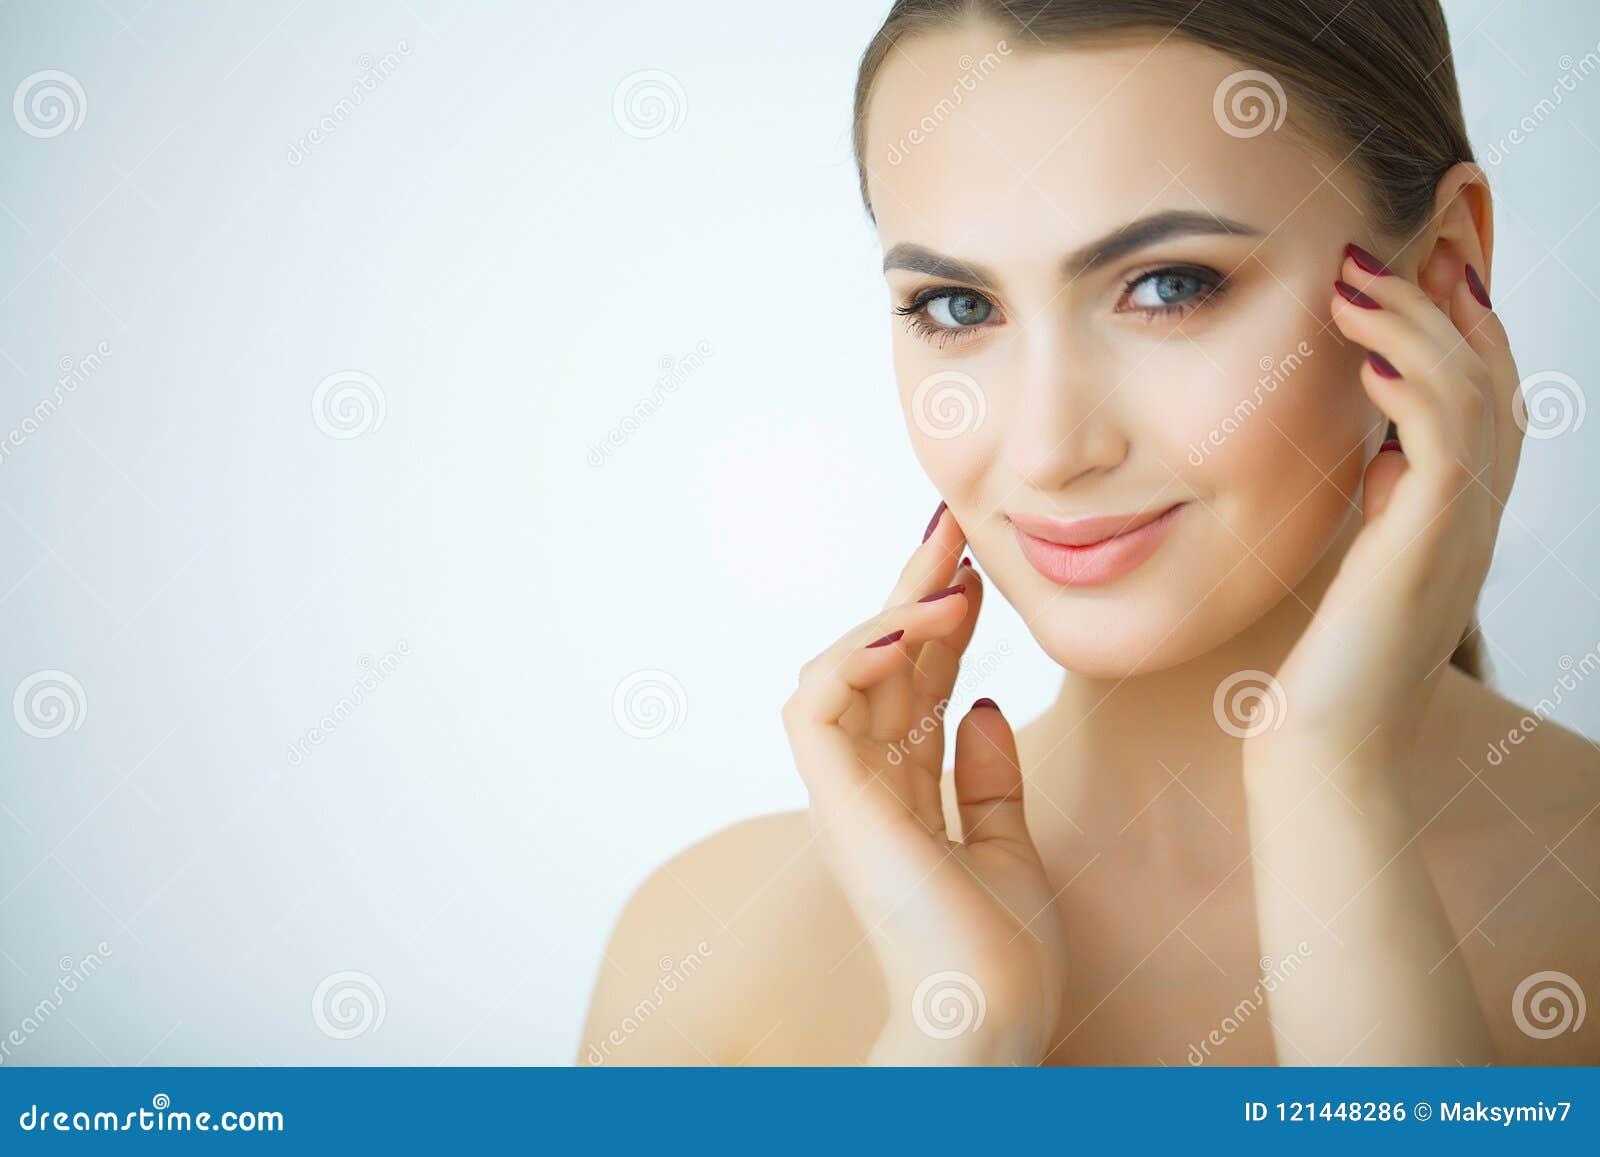 Забота кожи красоты Красивая женщина прикладывая косметическую сливк стороны